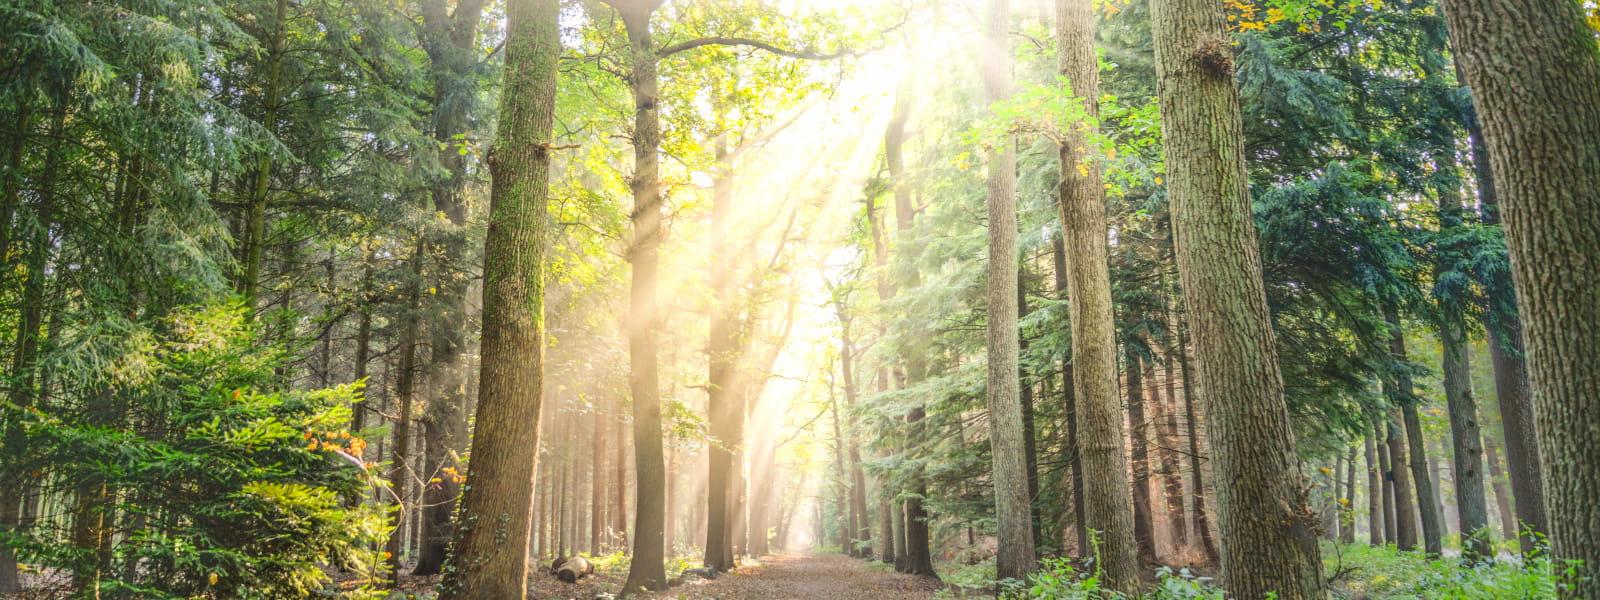 soleil perçant la forêt